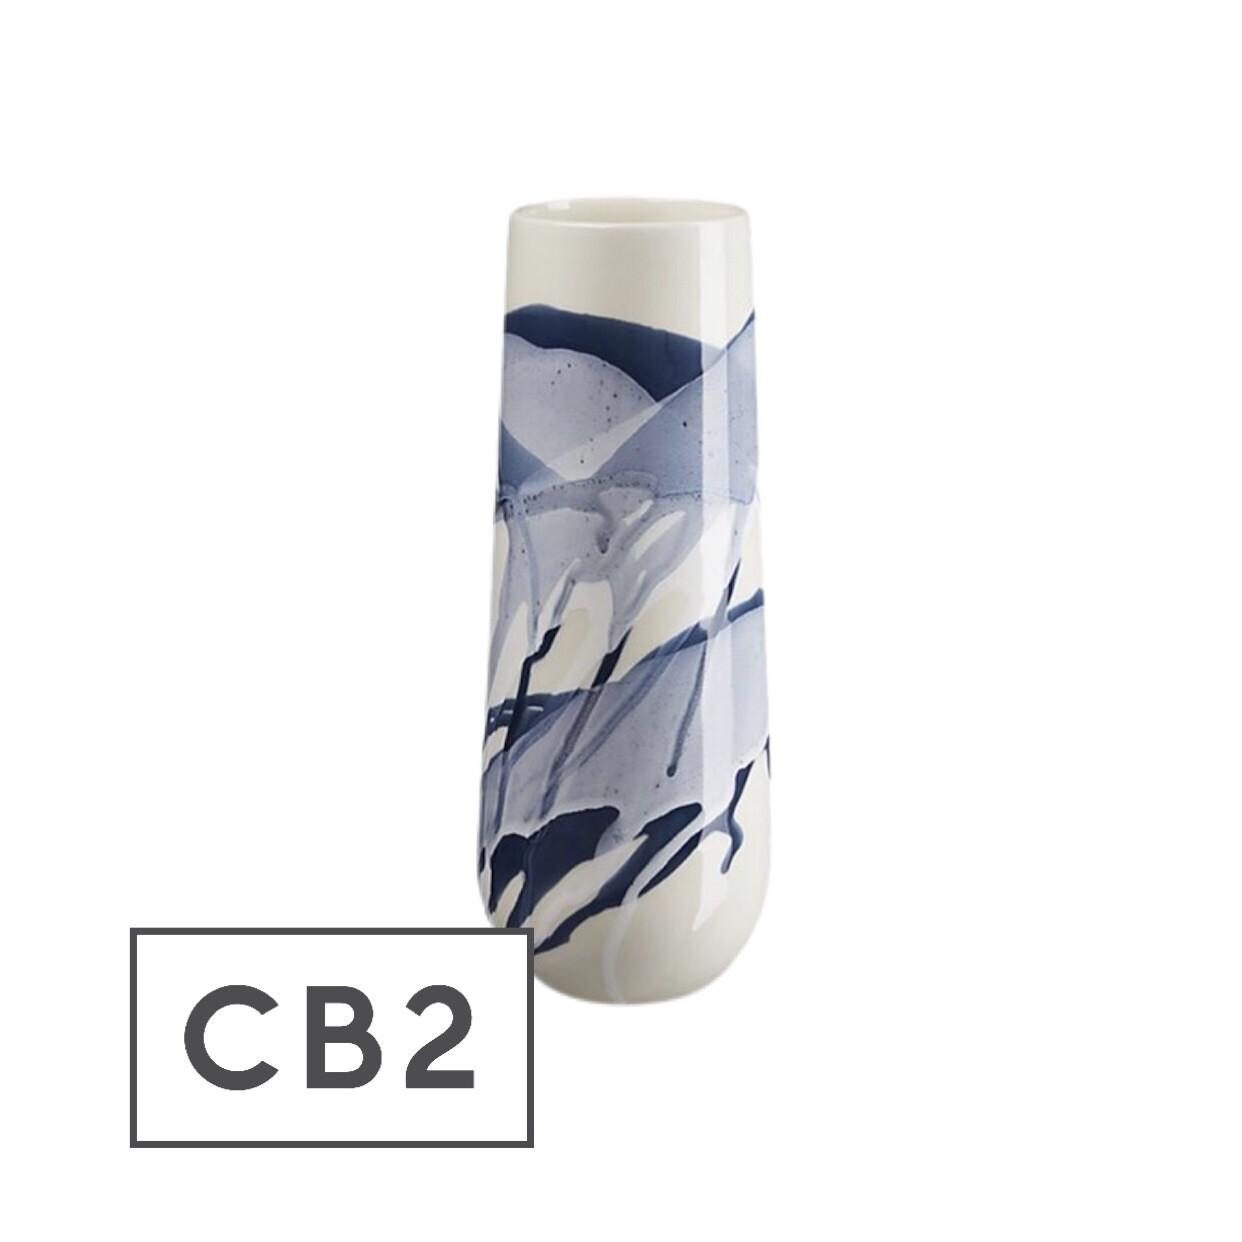 CB2 Marinha Vase